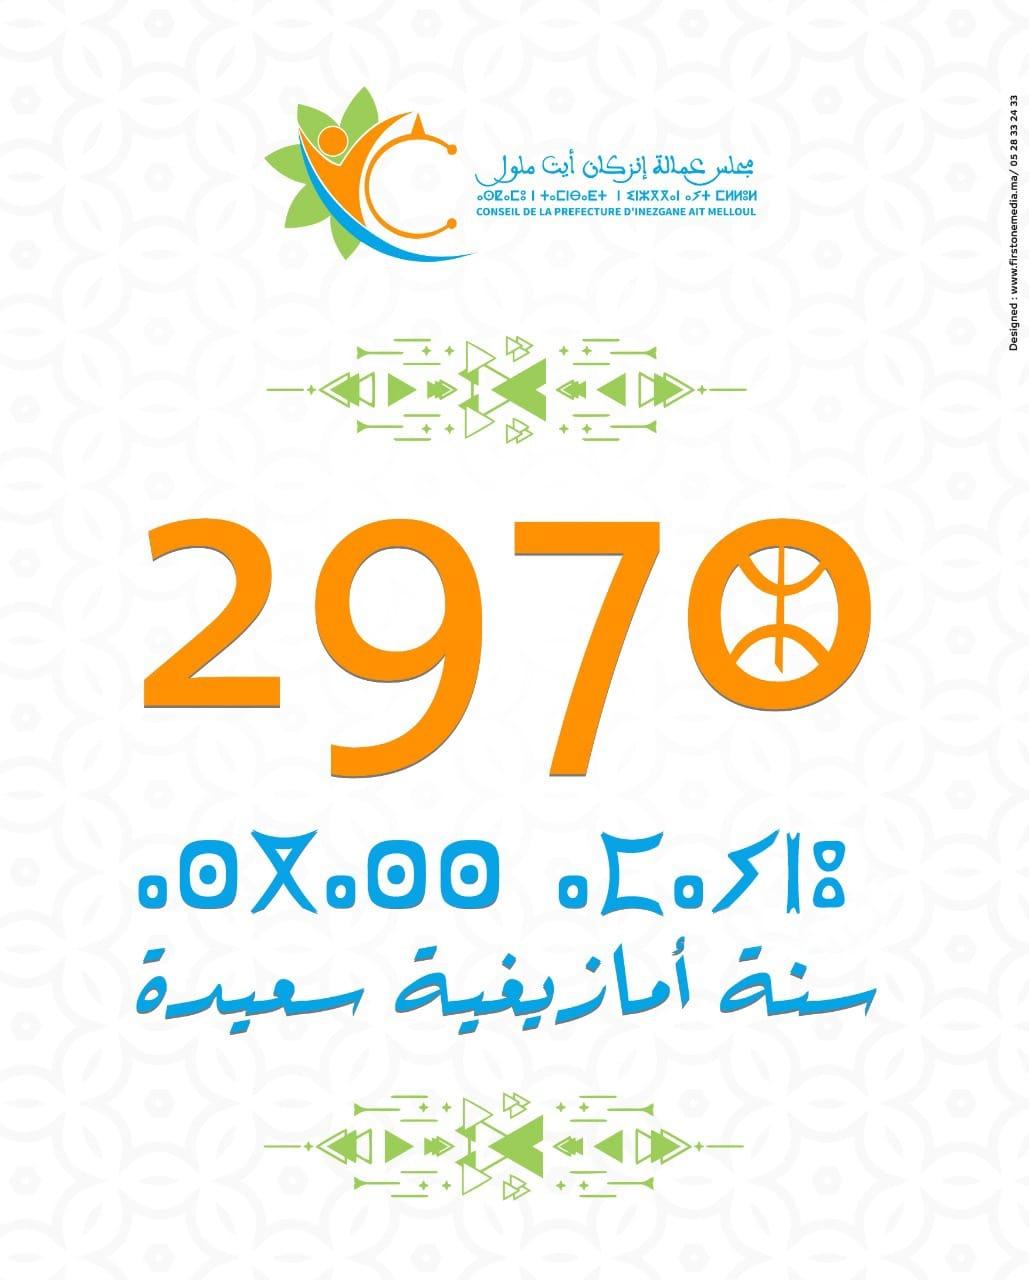 مجلس عمالة انزكان ايت ملول يتمنى لكم سنة أمازيغية سعيدة